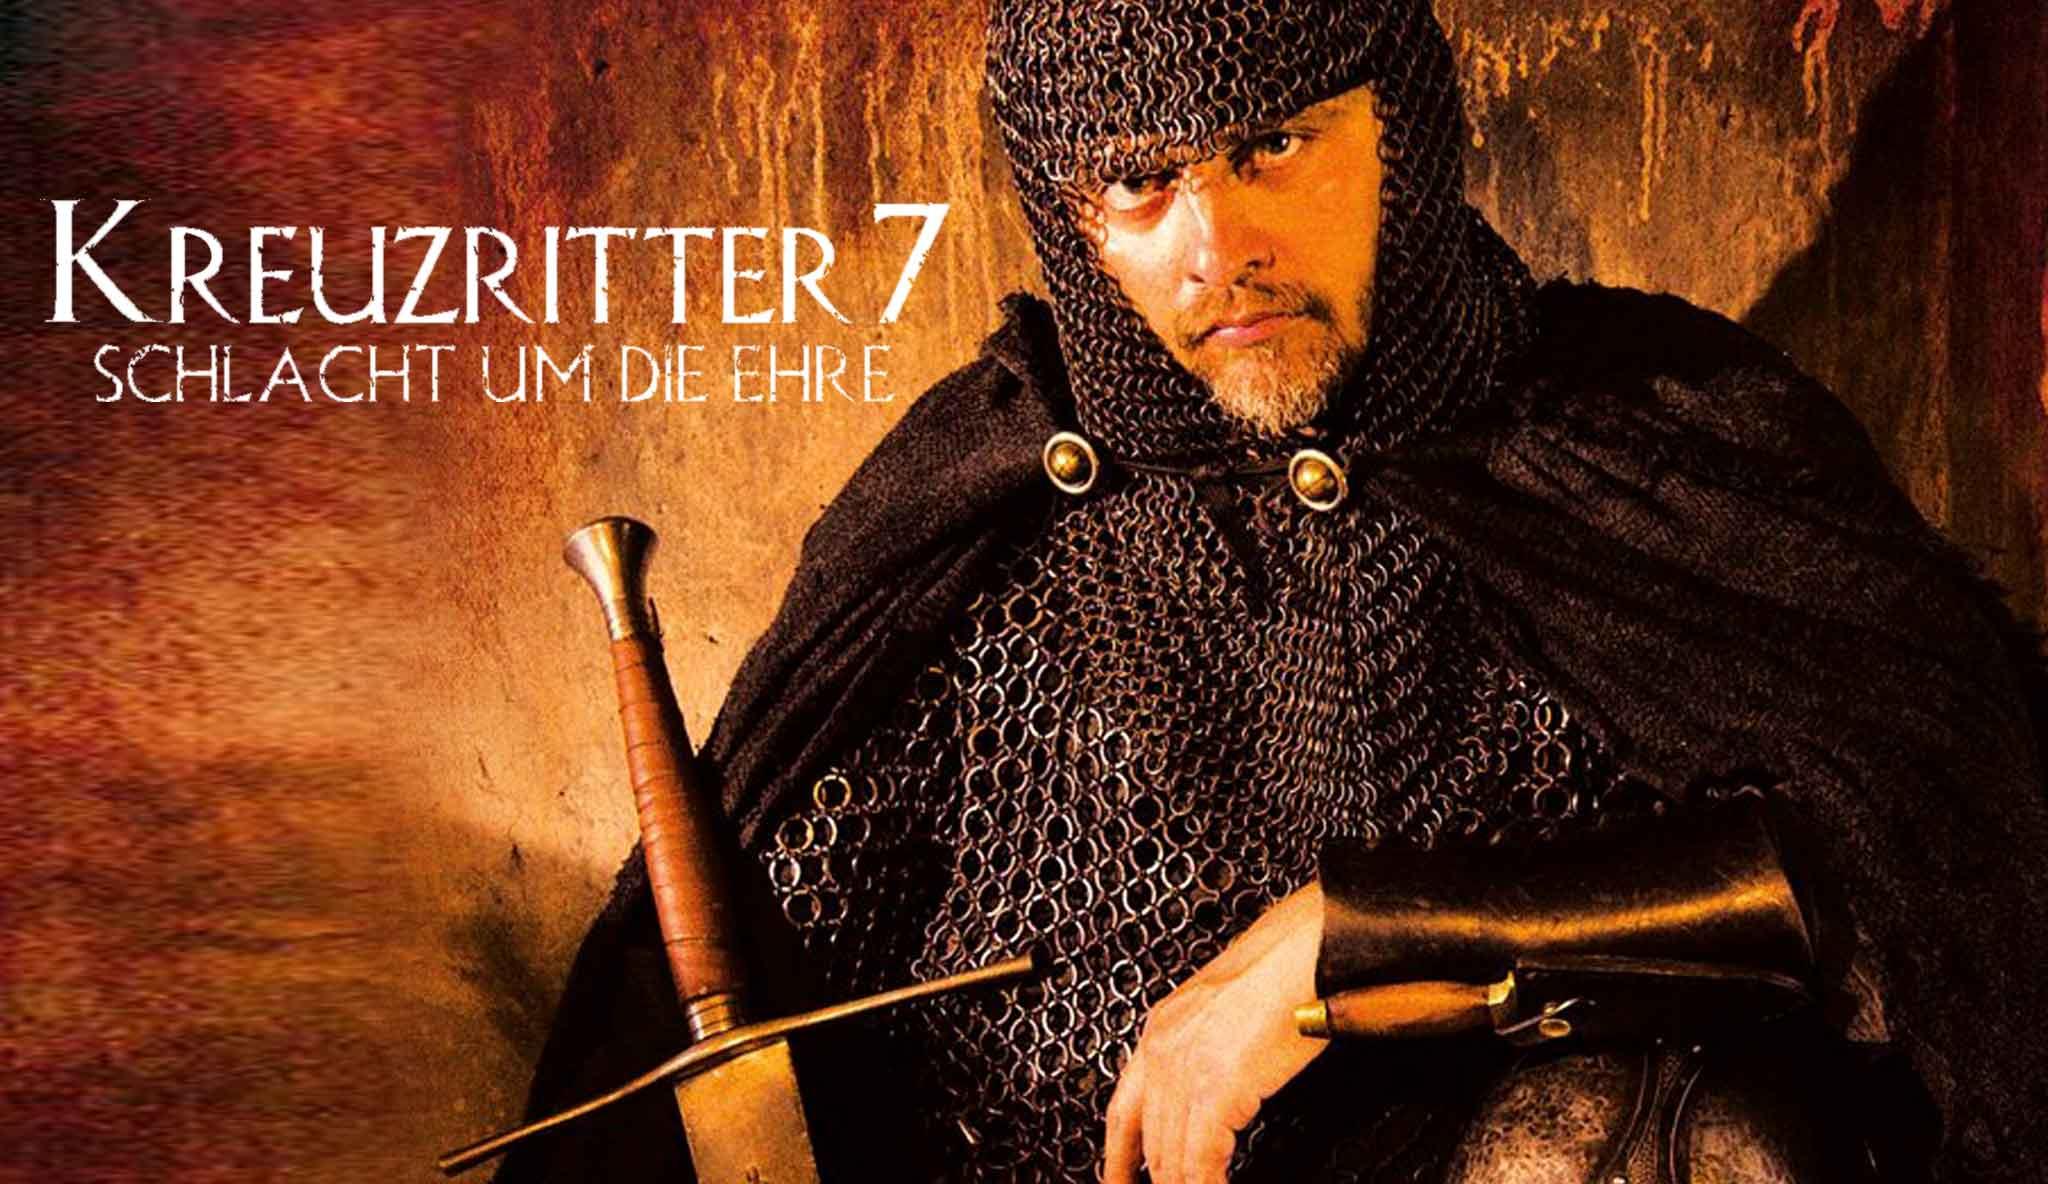 kreuzritter-7-schlacht-um-die-ehre\header.jpg